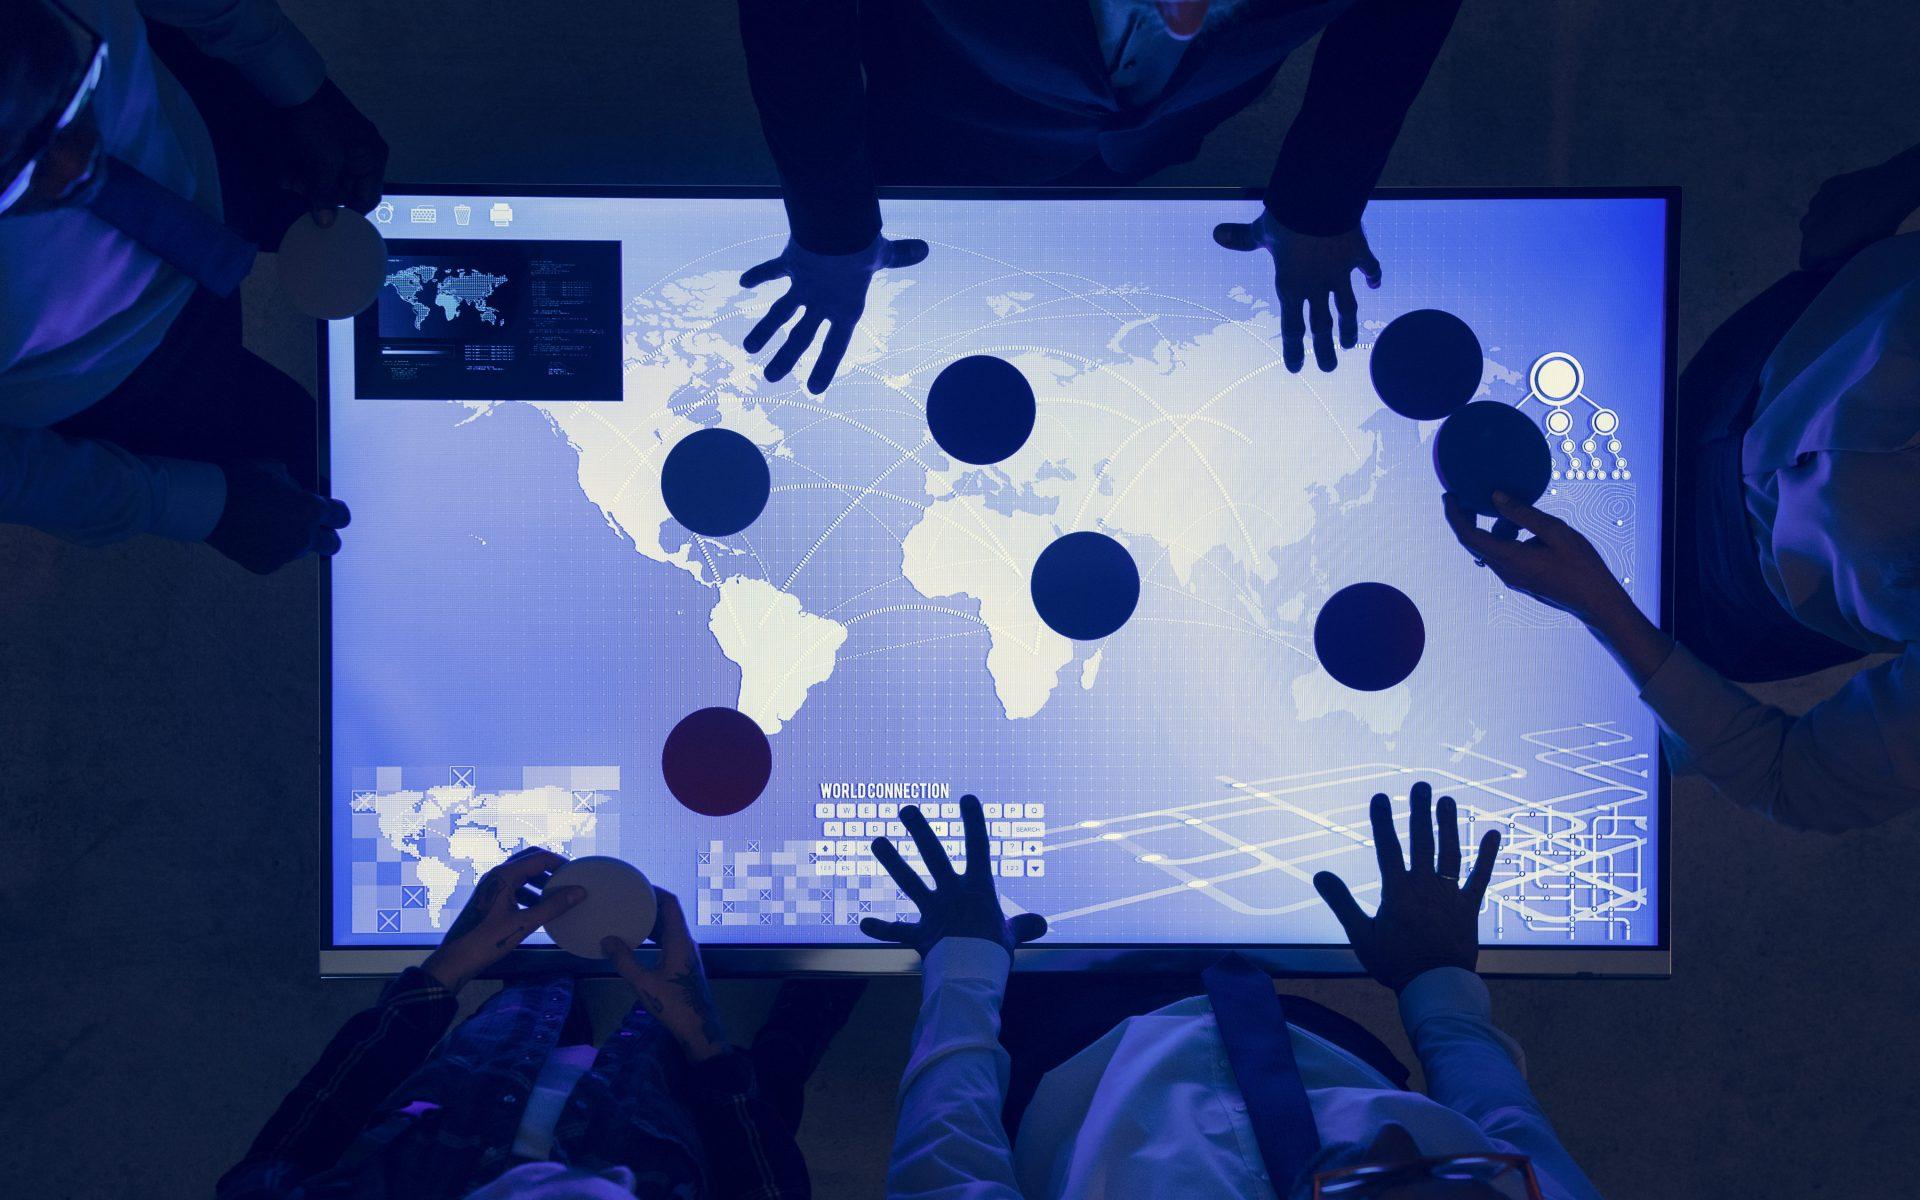 avanco-da-tecnologia-varias-pessoas-maos-tela-digital-mapa-do-mundo